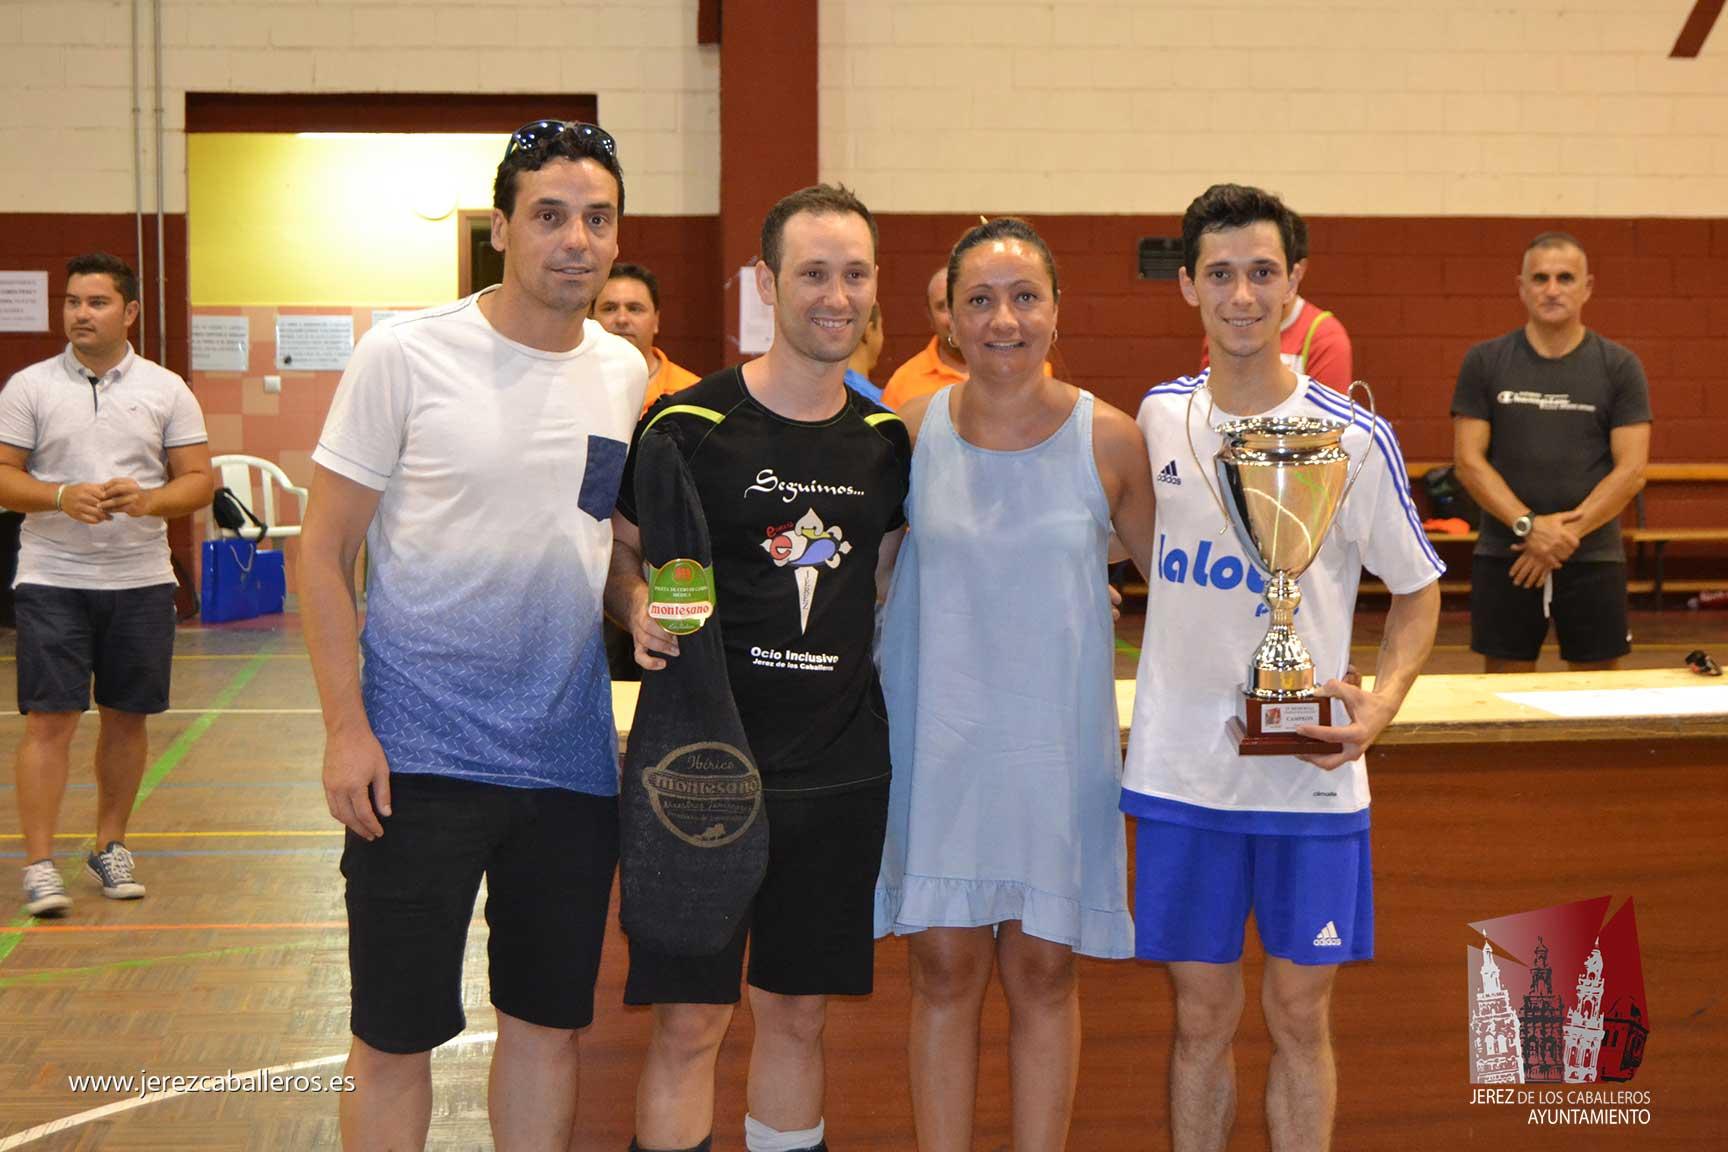 El equipo 'Los Ramajos pepinos' gana el IX Memorial de Fútbol sala 'Francisco José Rivera Montero'